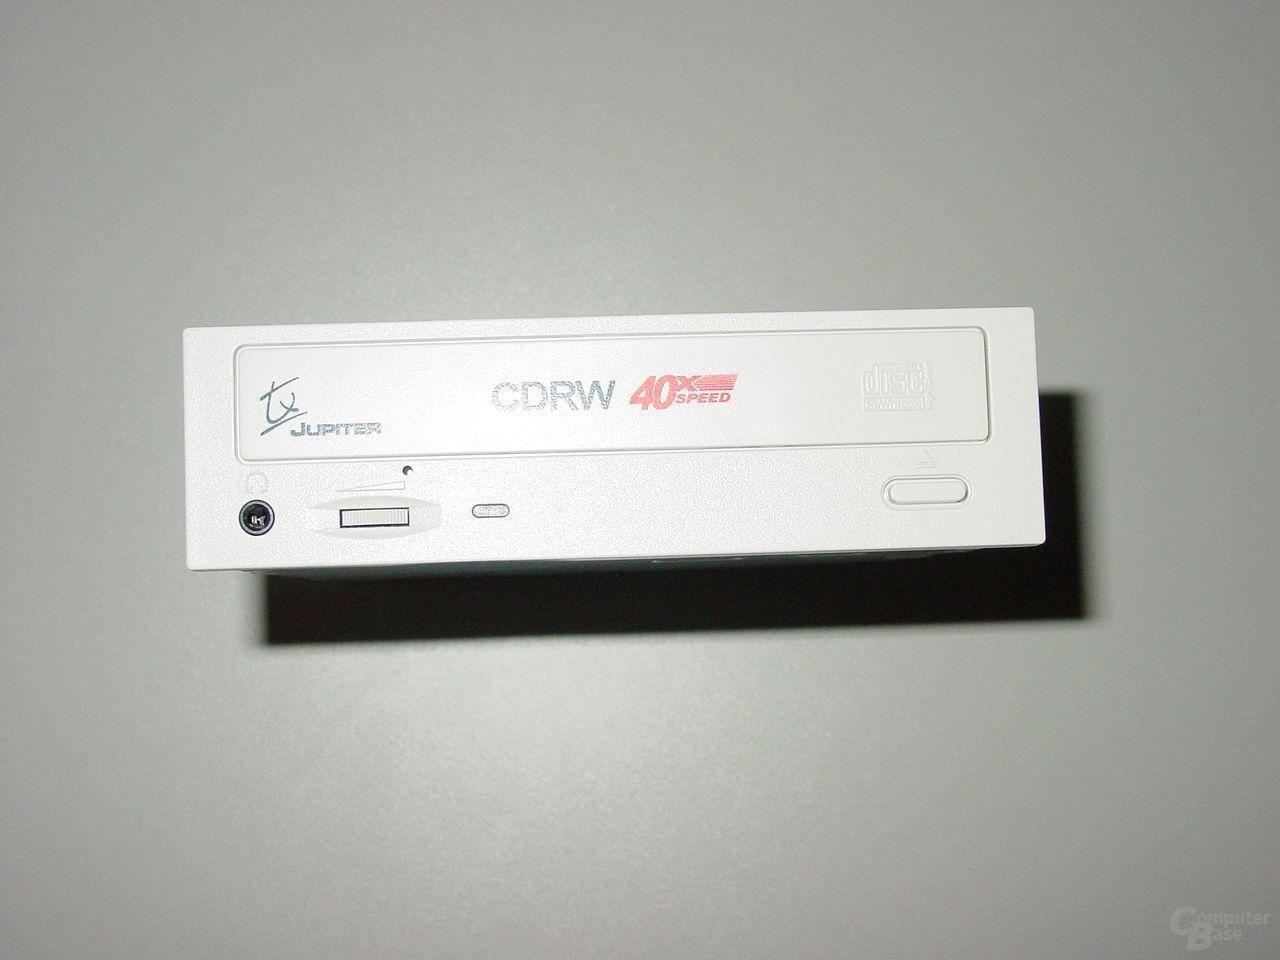 Frontansicht CDRW 401248 tx